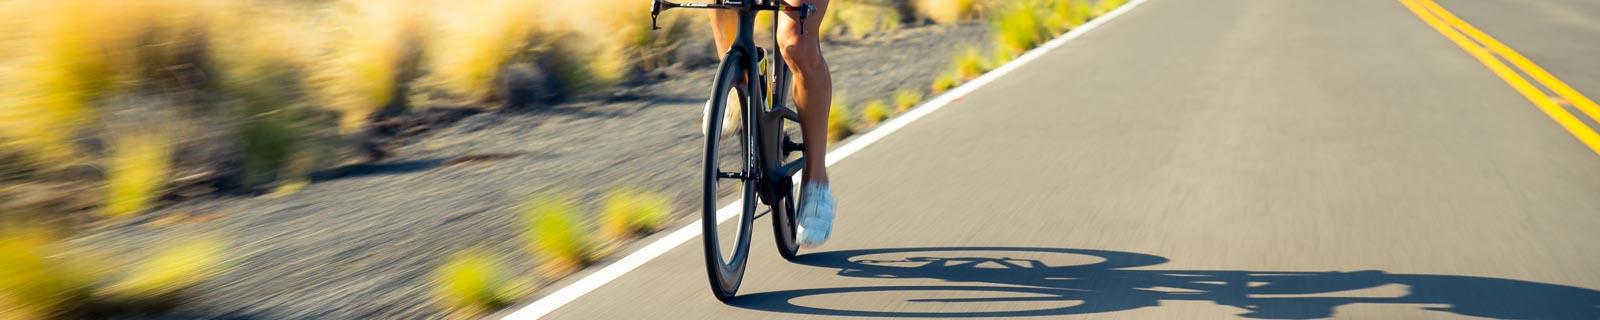 La bicicleta de triatlón – un sueño aerodinamico hecho de carbono